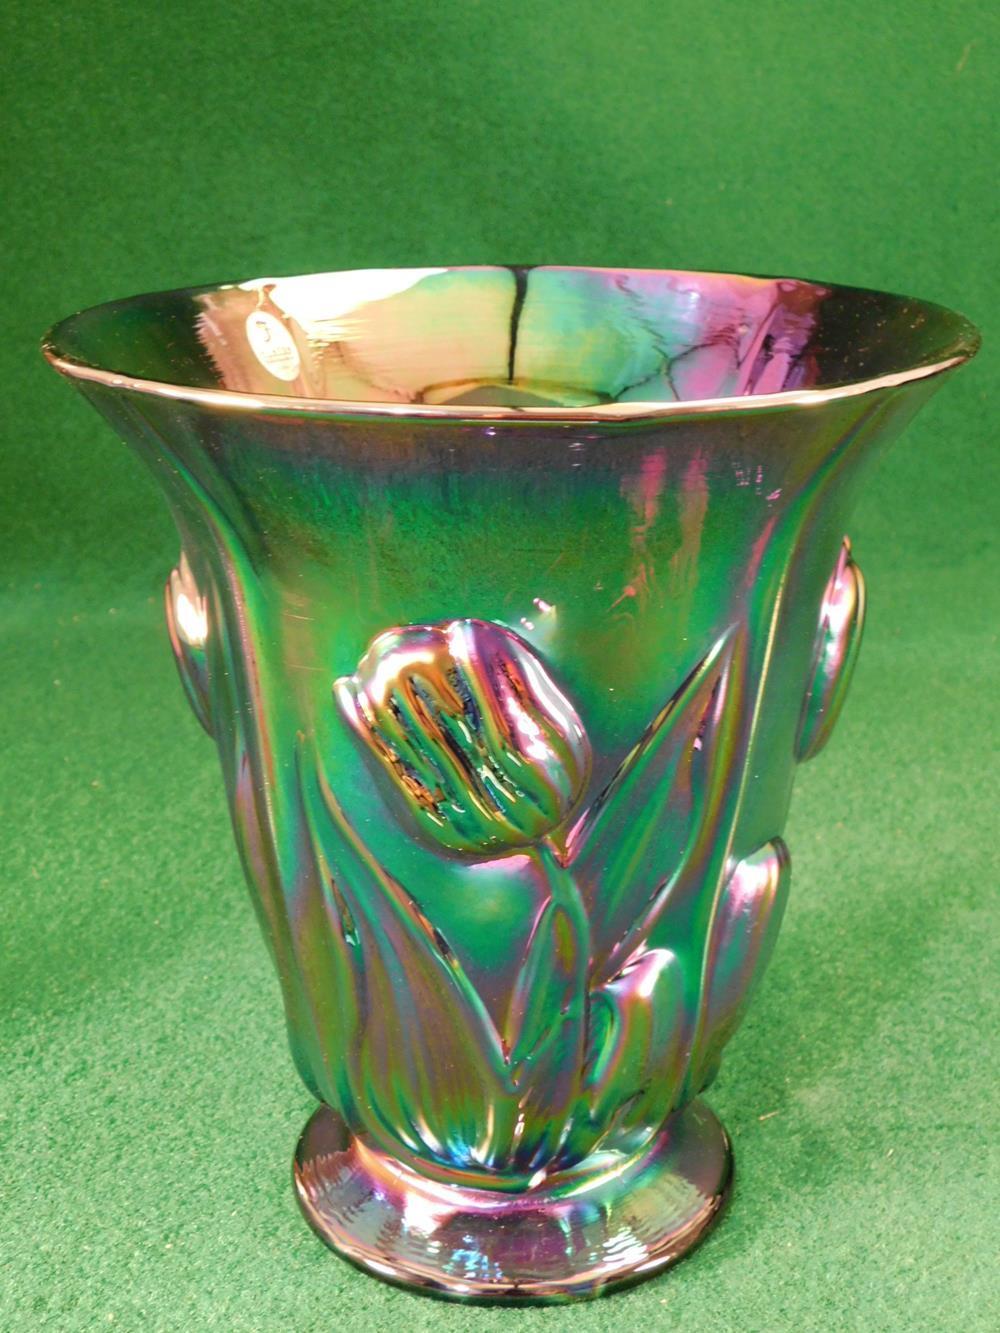 FENTON ART GLASS USA HANDPAINTED CARNIVAL GLASS VASE